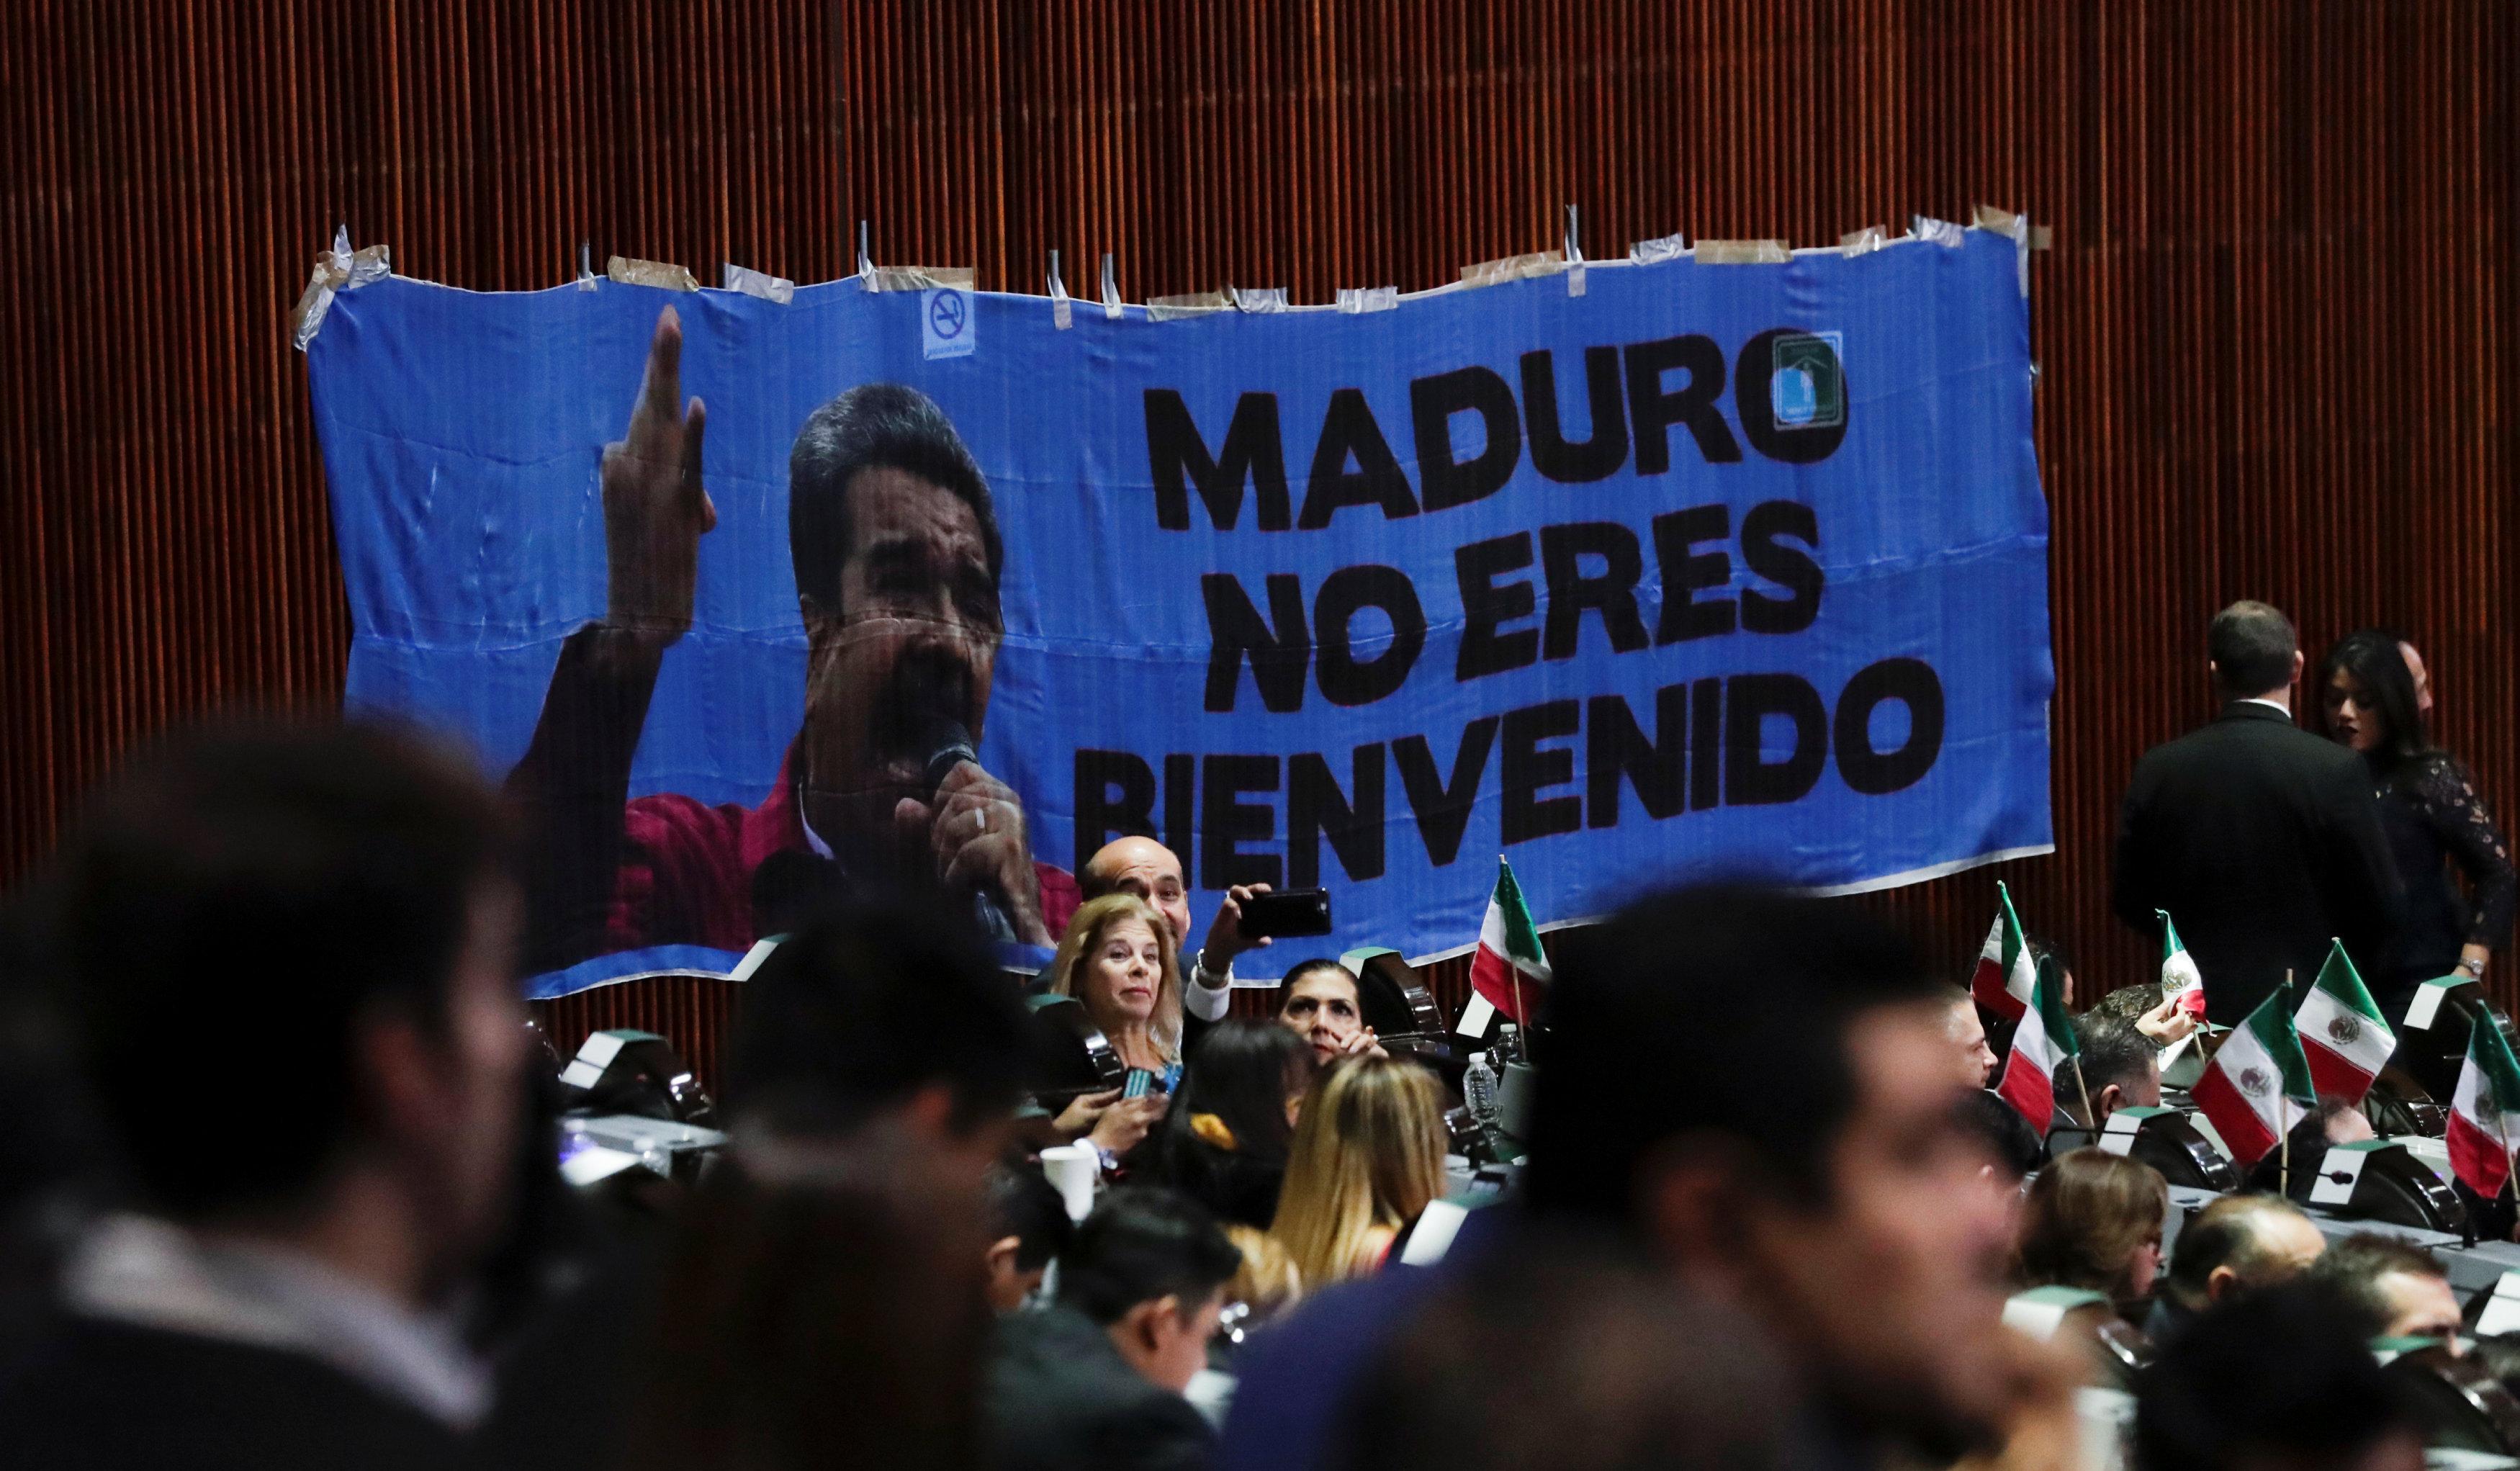 Pancarta con las palabras Maduro no eres bienvenido, colgada durante la ceremonia de toma de posesión de AMLO, 1 de diciembre de 2018